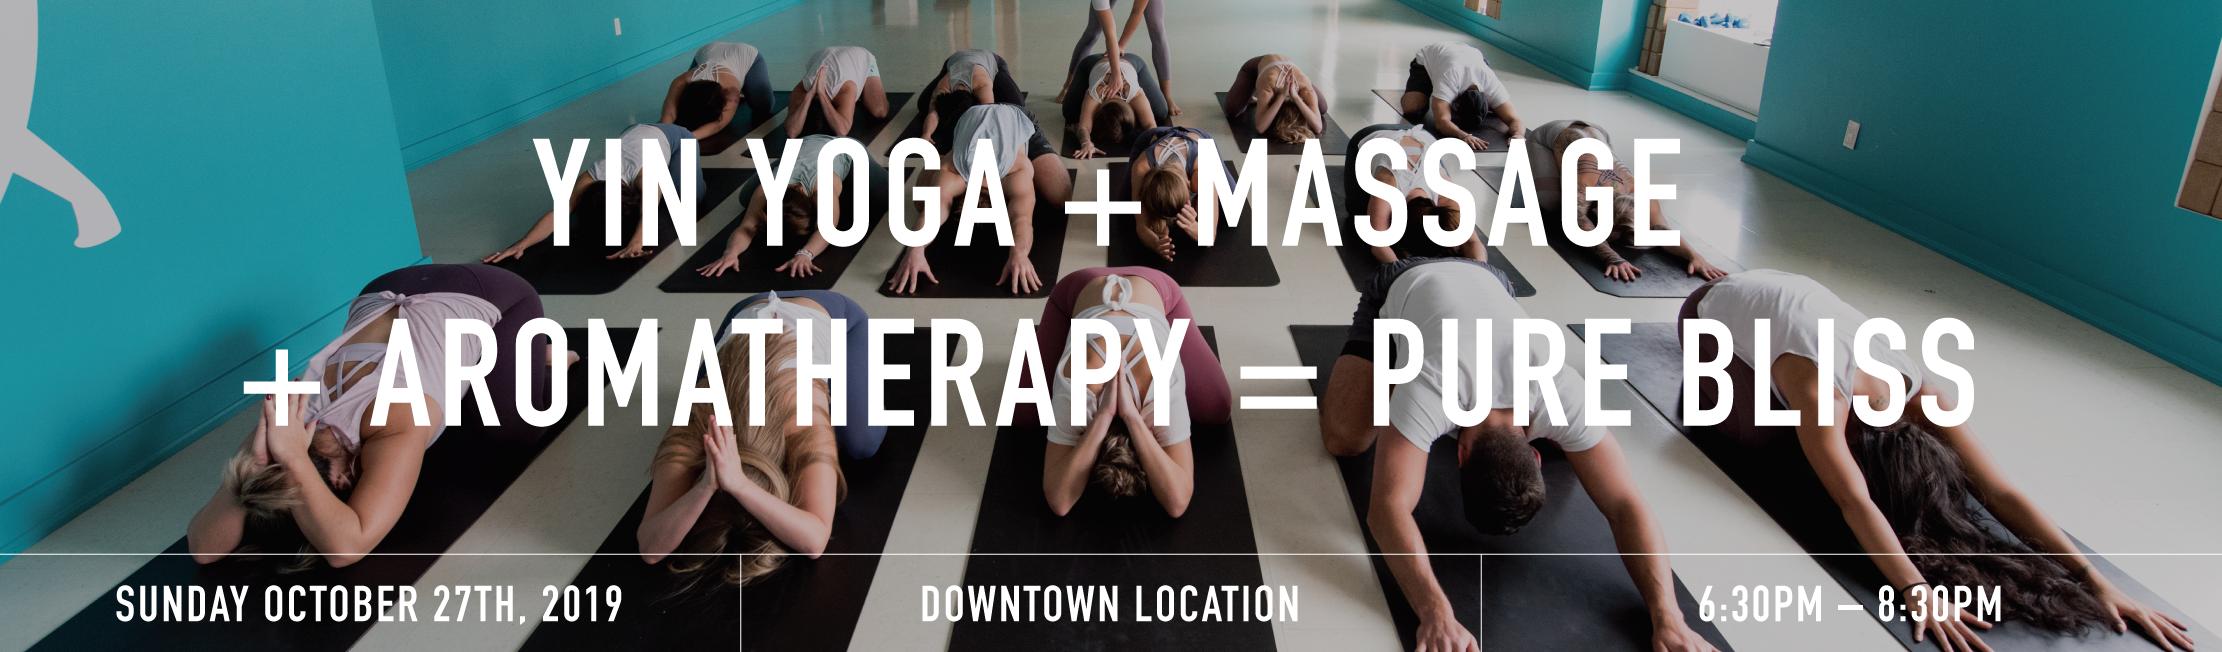 Yogassage banner  2